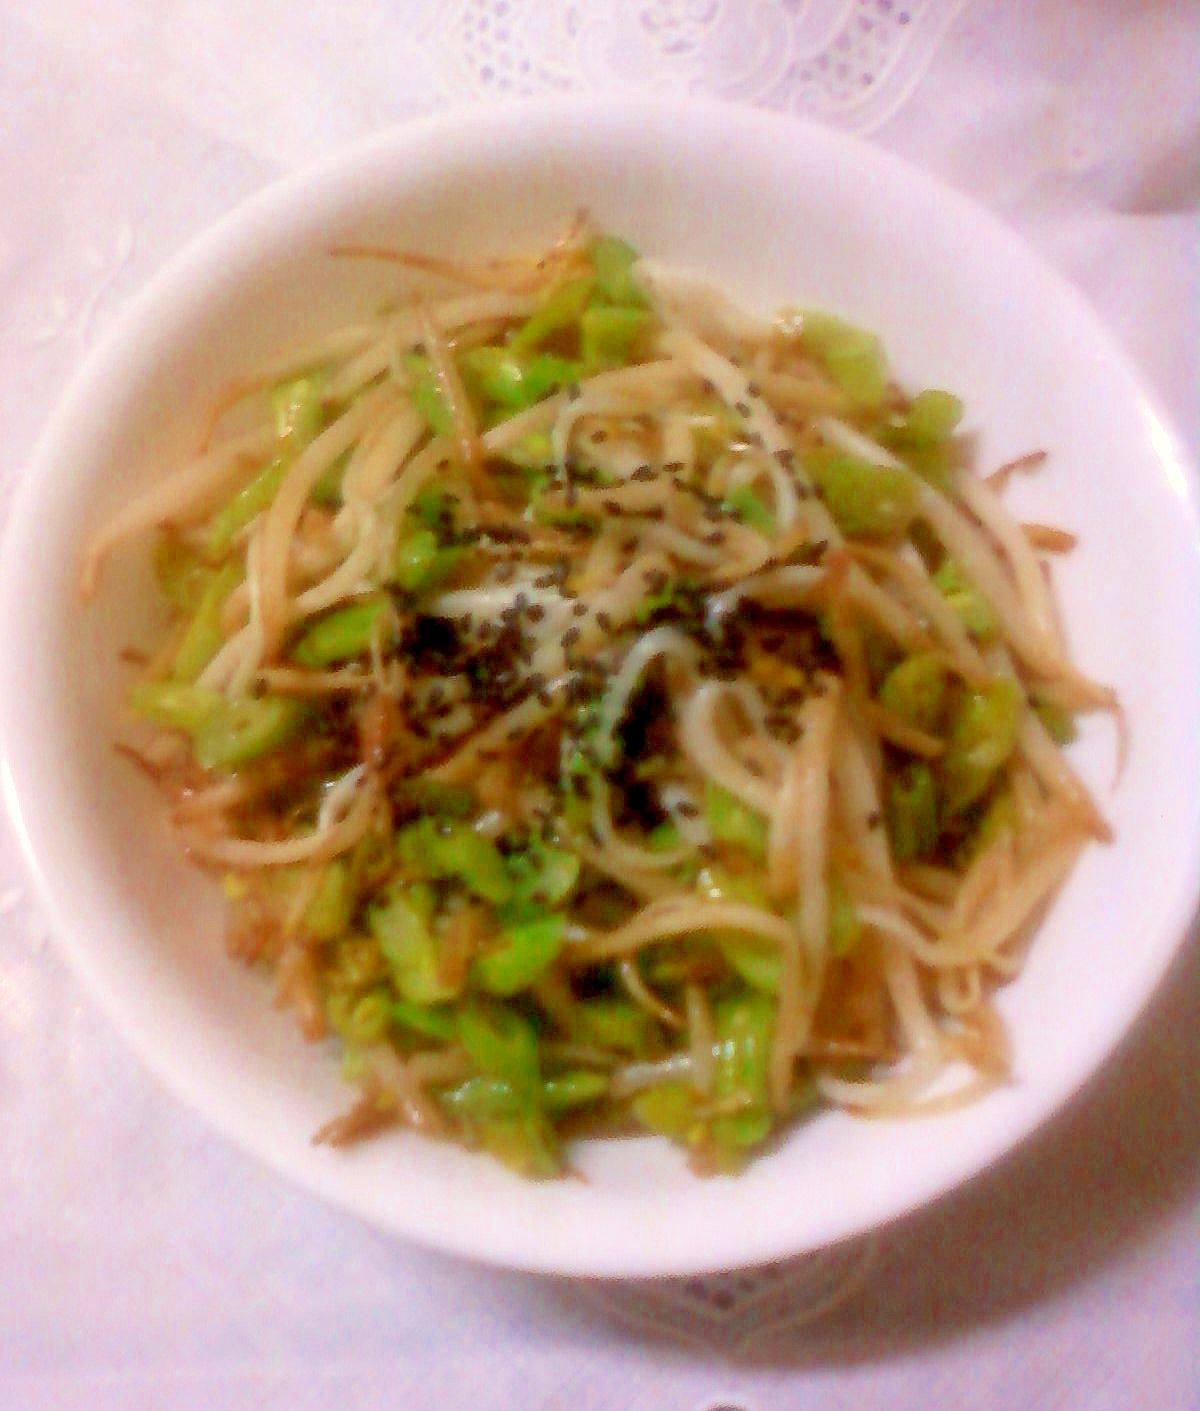 ☆*:・★もやしと鞘いんげんの麺つゆ炒め☆*:・★